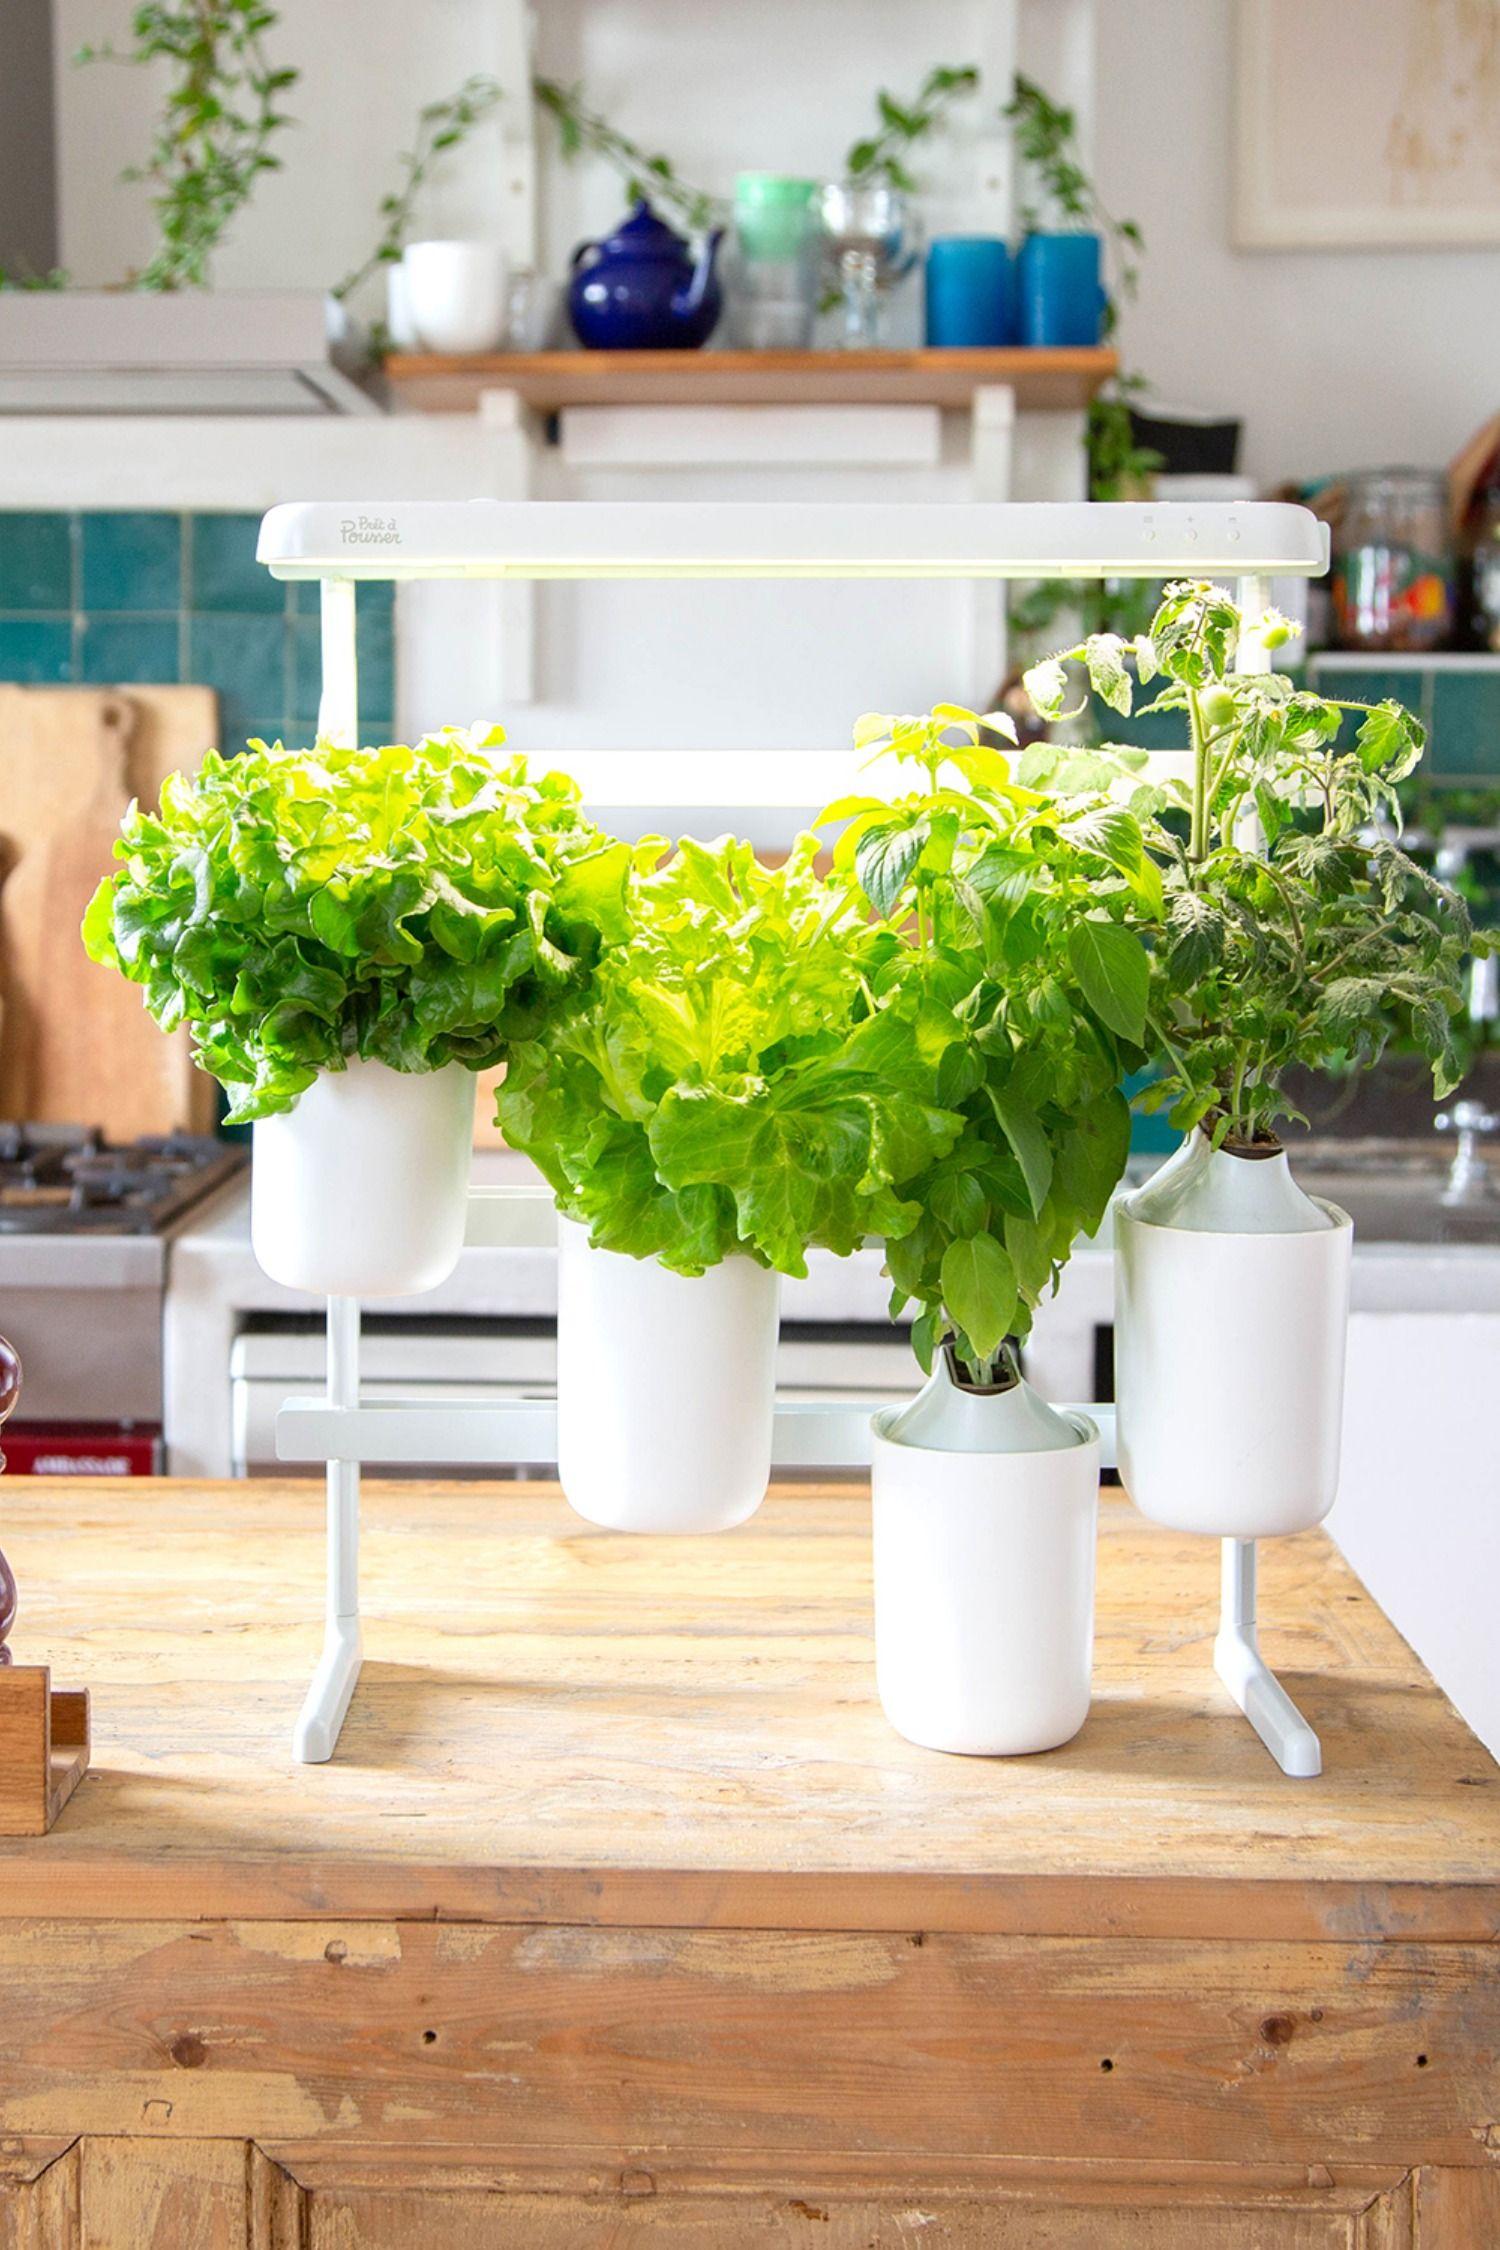 Plante D Intérieur A Faire Pousser modulo | potager intérieur, potager, cultiver des herbes